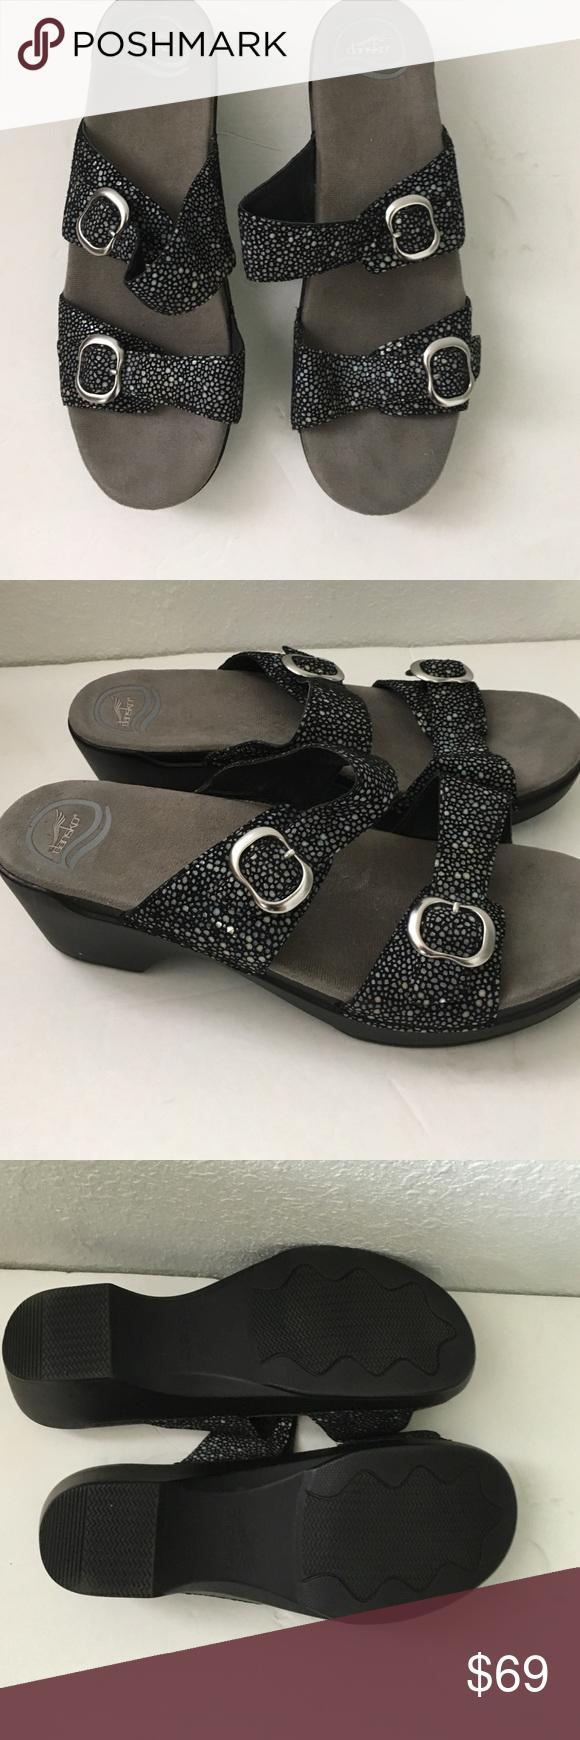 Dansko Sophie Black shagreen sandals 42 12 Brand new shimmer black sandals EU 42 12 Dansko Shoes Sandals